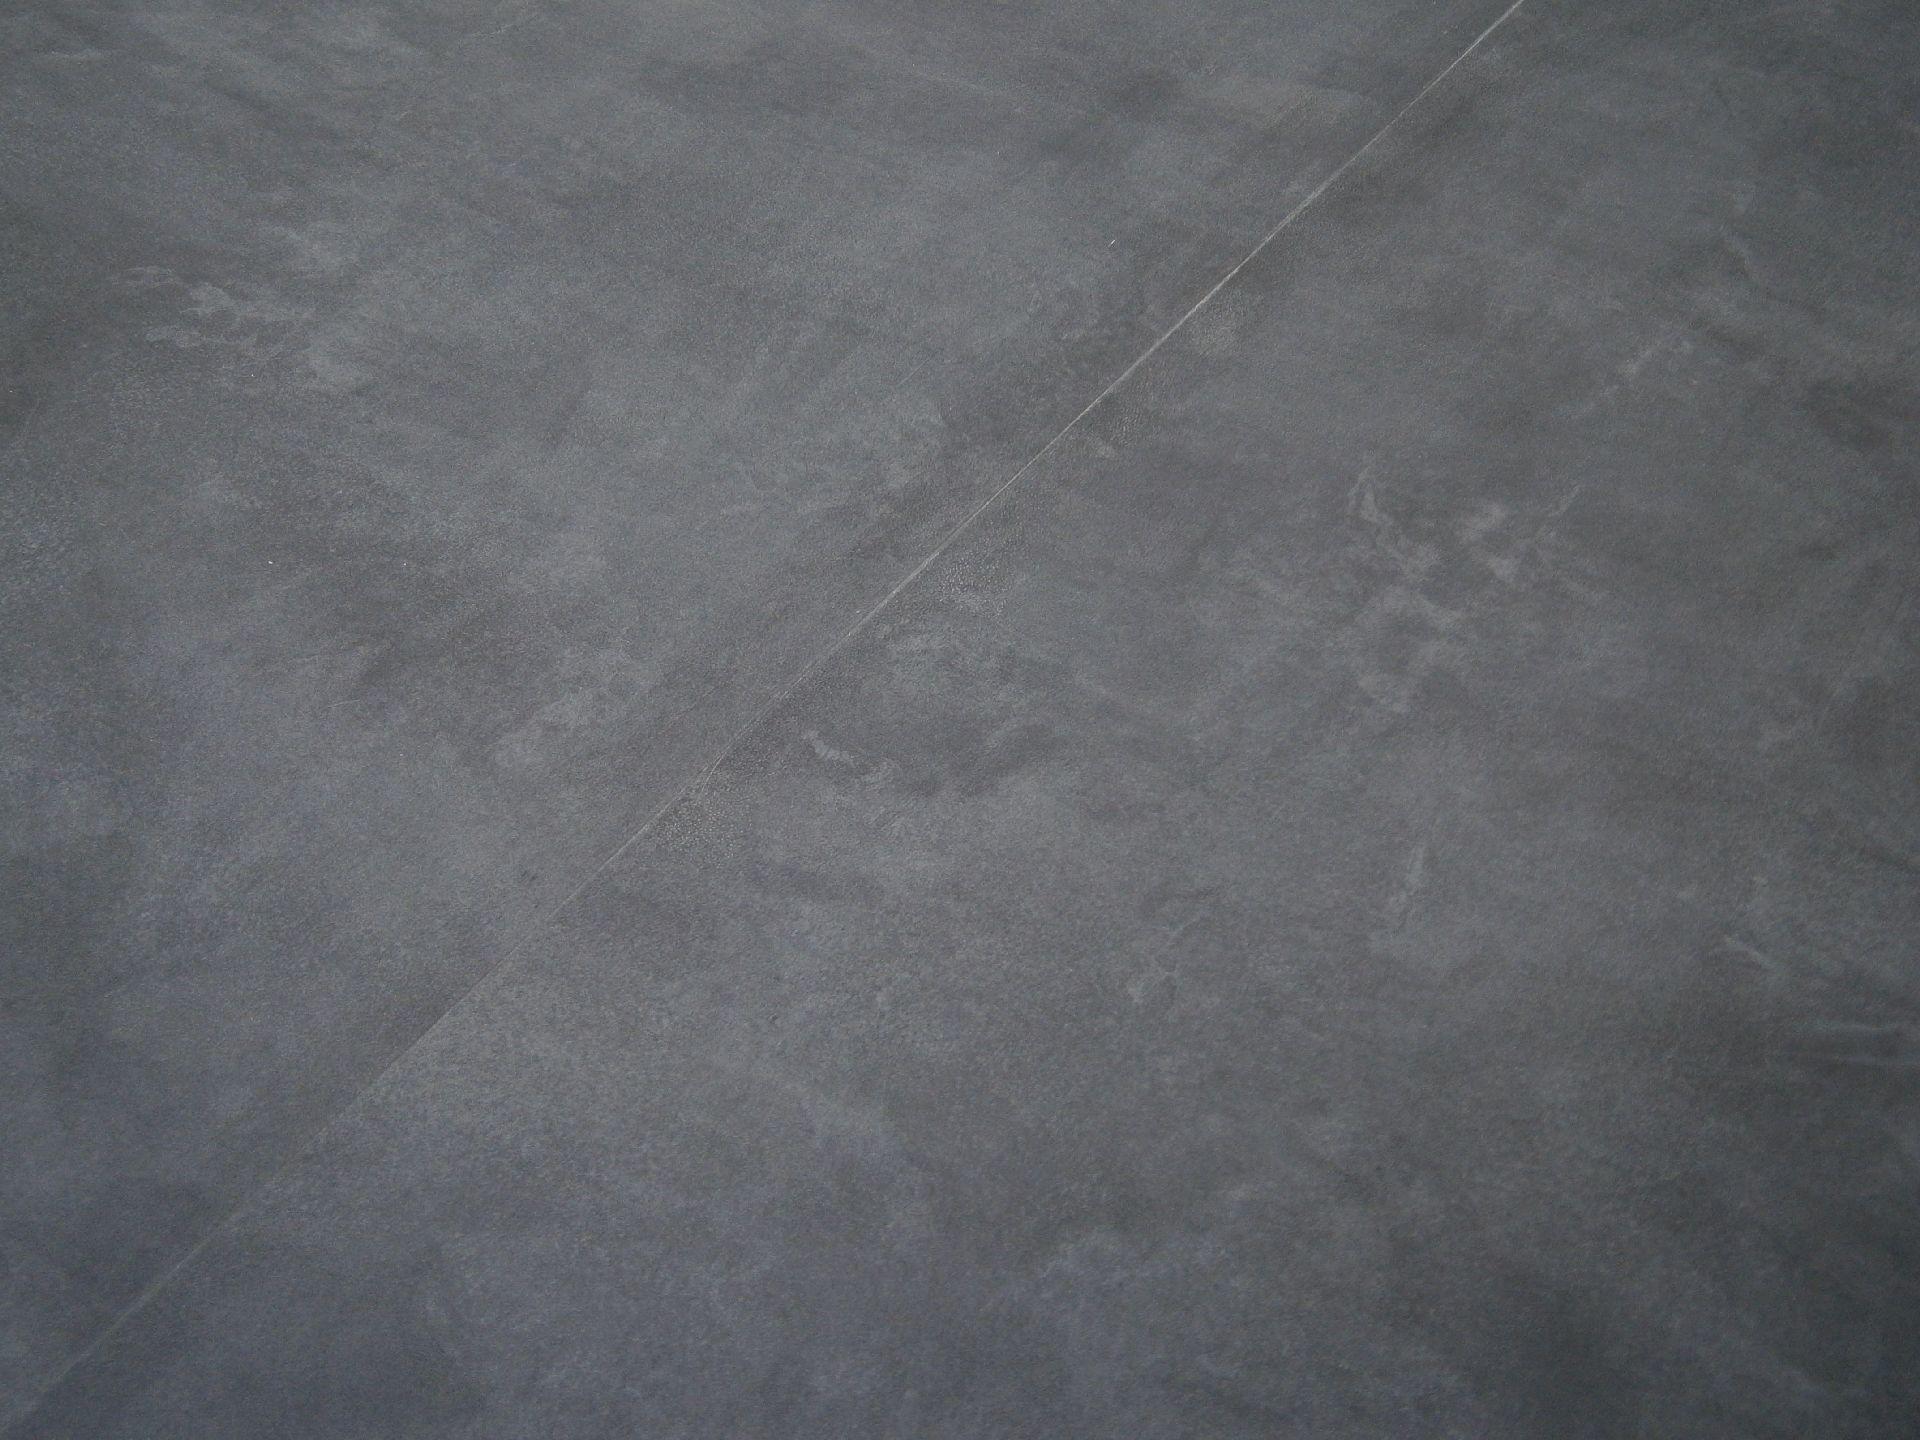 Vinylboden berryalloc pureloc fliese beton dunkel umbau